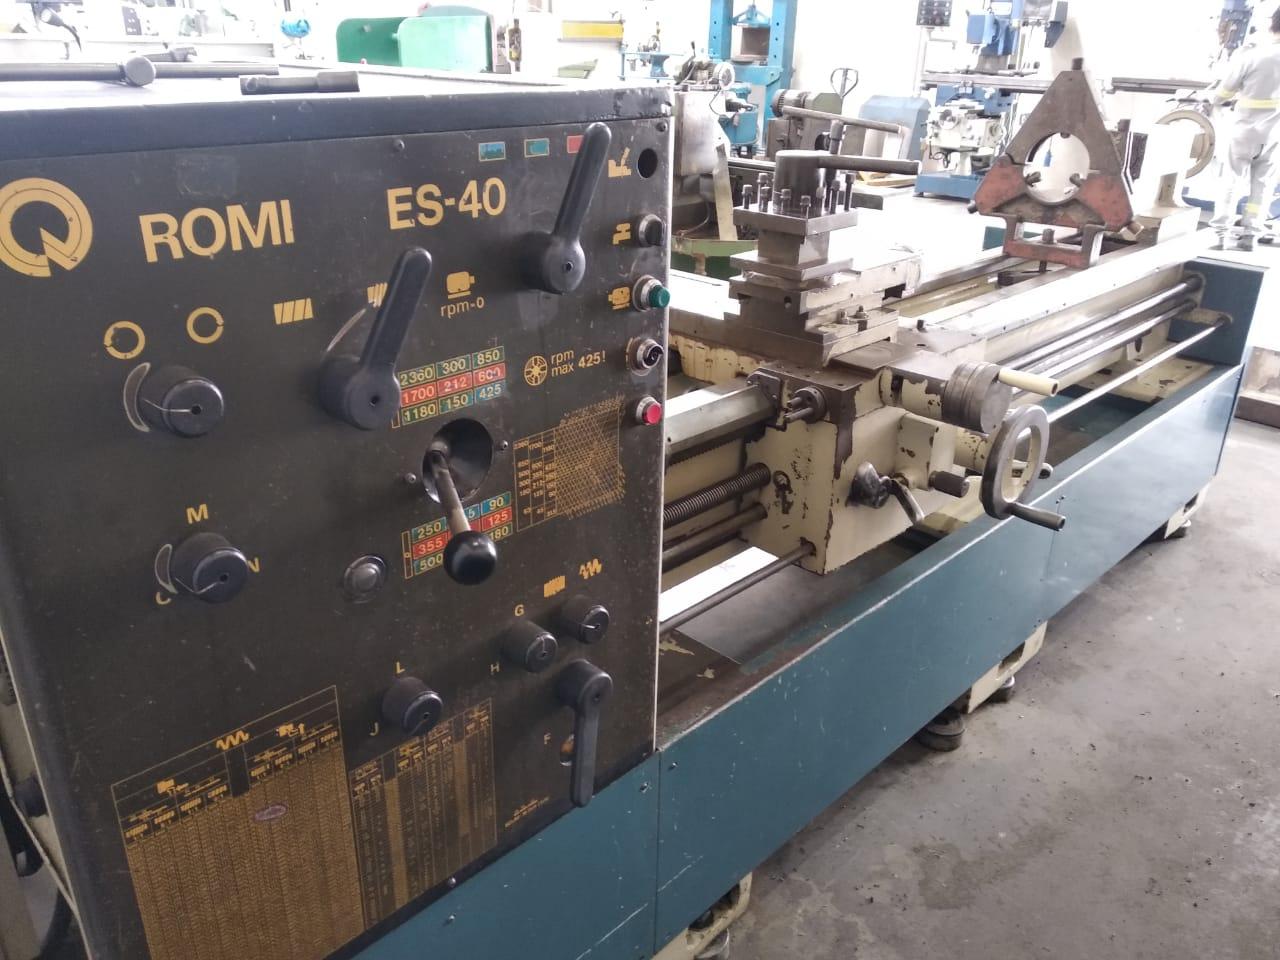 Torno mecânico marca ROMI, modelo ES 40 | Vision Mach Equipamentos